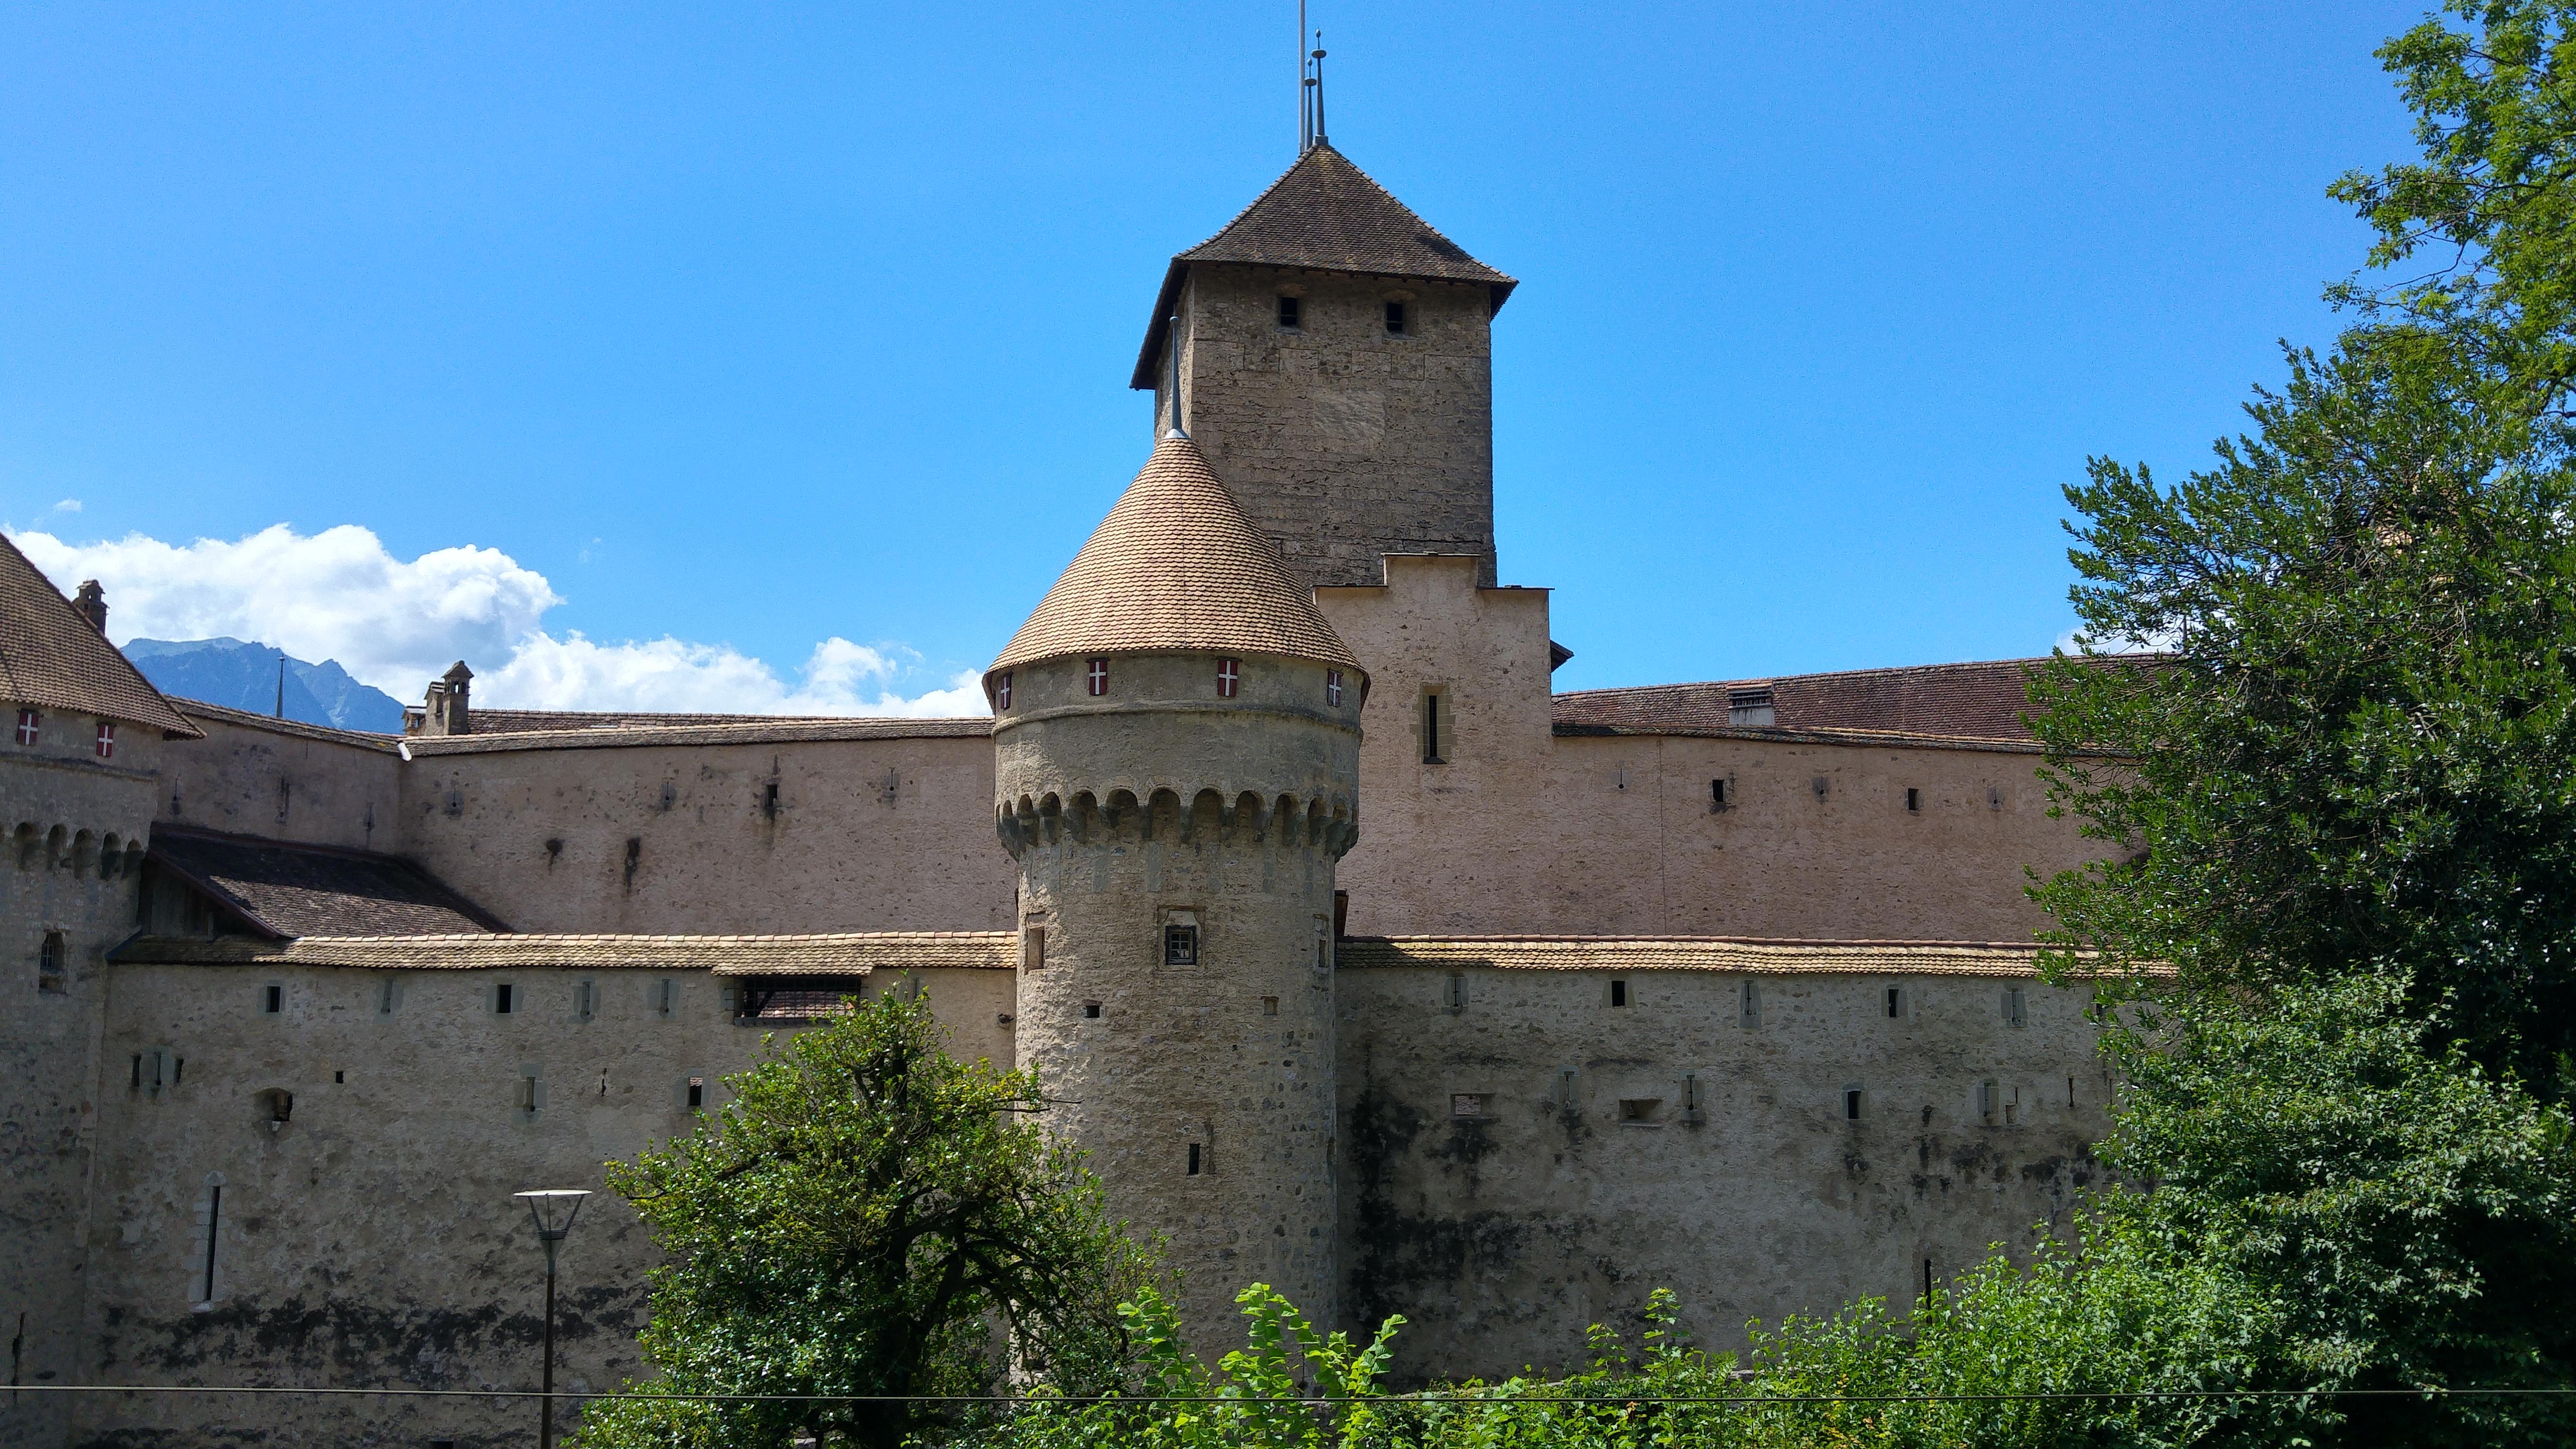 chateaux de chillon svizzera francese